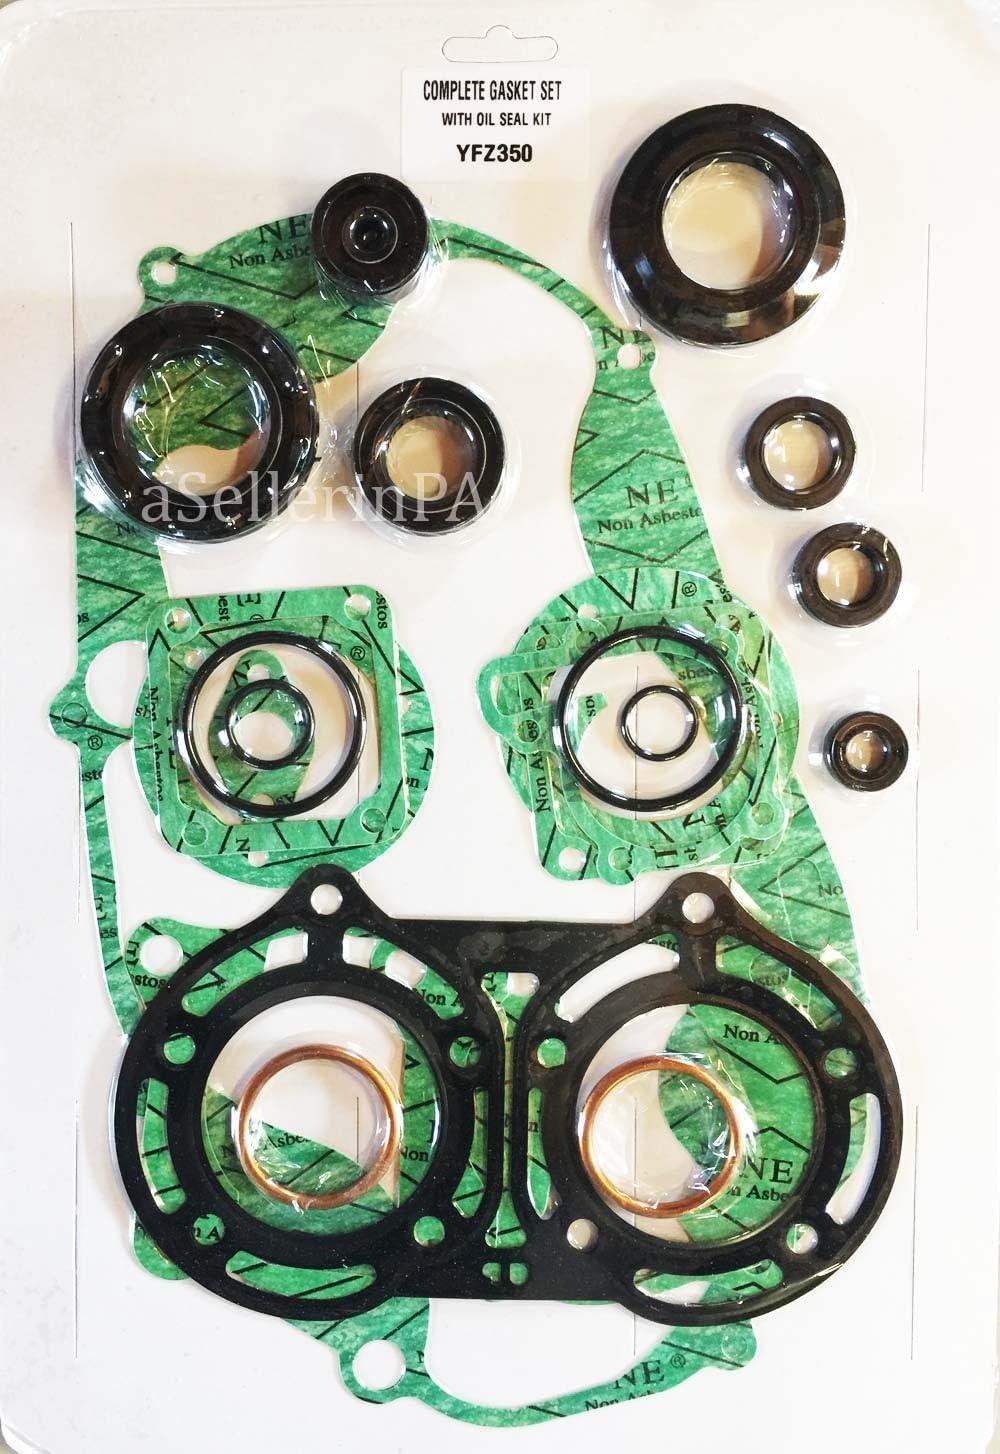 1987-2006 Yamaha Banshee Engine Gasket Set Complete Gasket Set